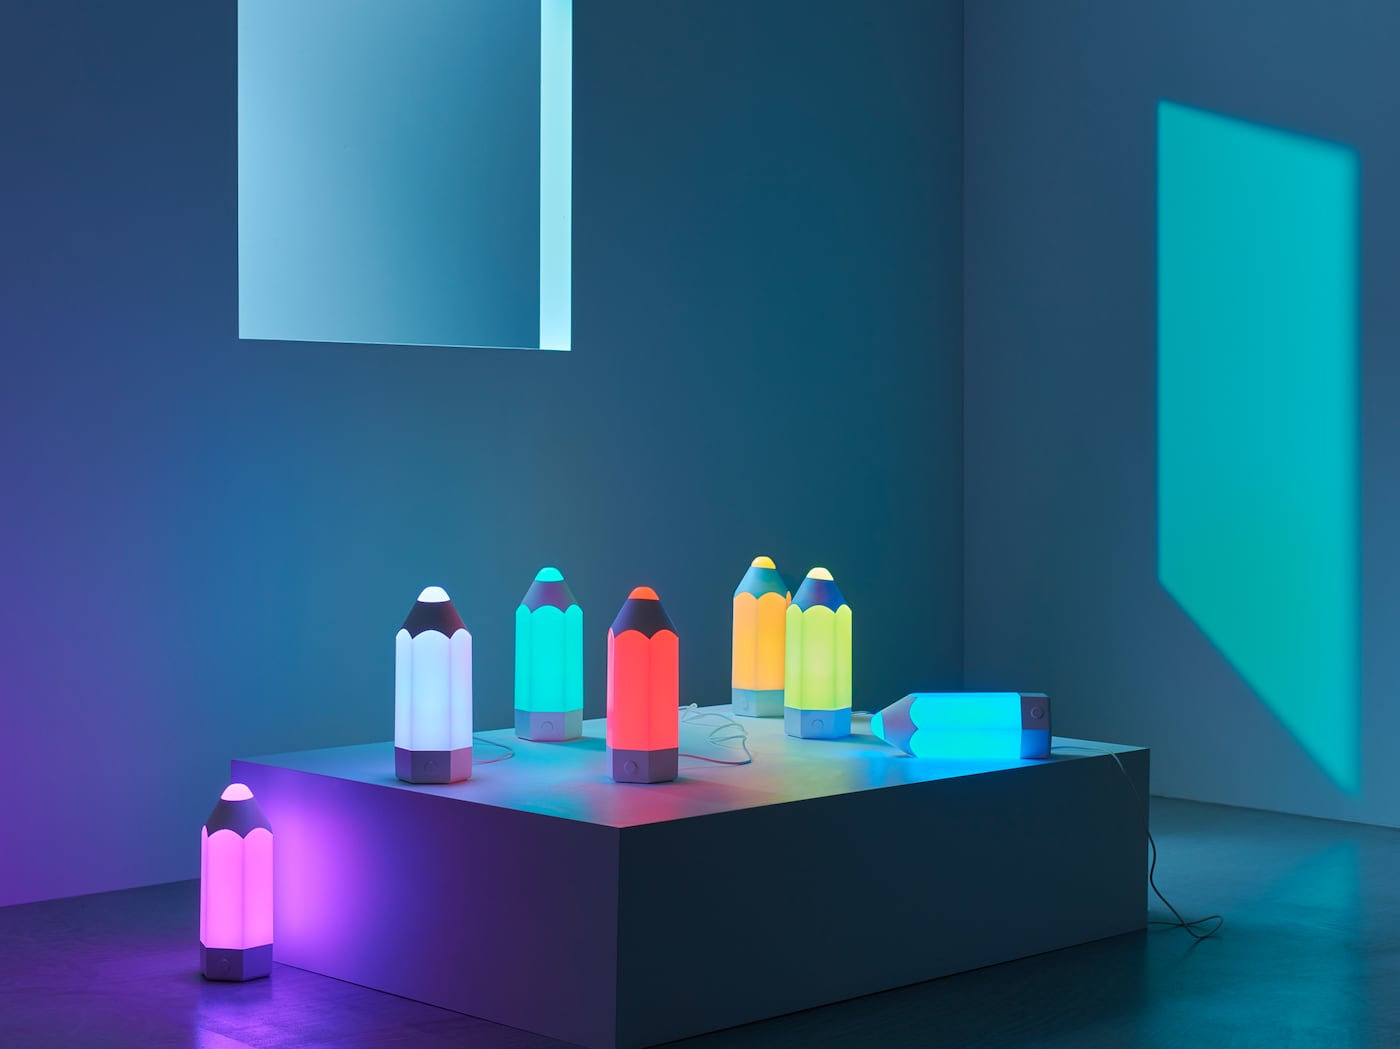 Sette lampade da tavolo PELARBOJ a forma di matita che emettono una luce di sette colori diversi